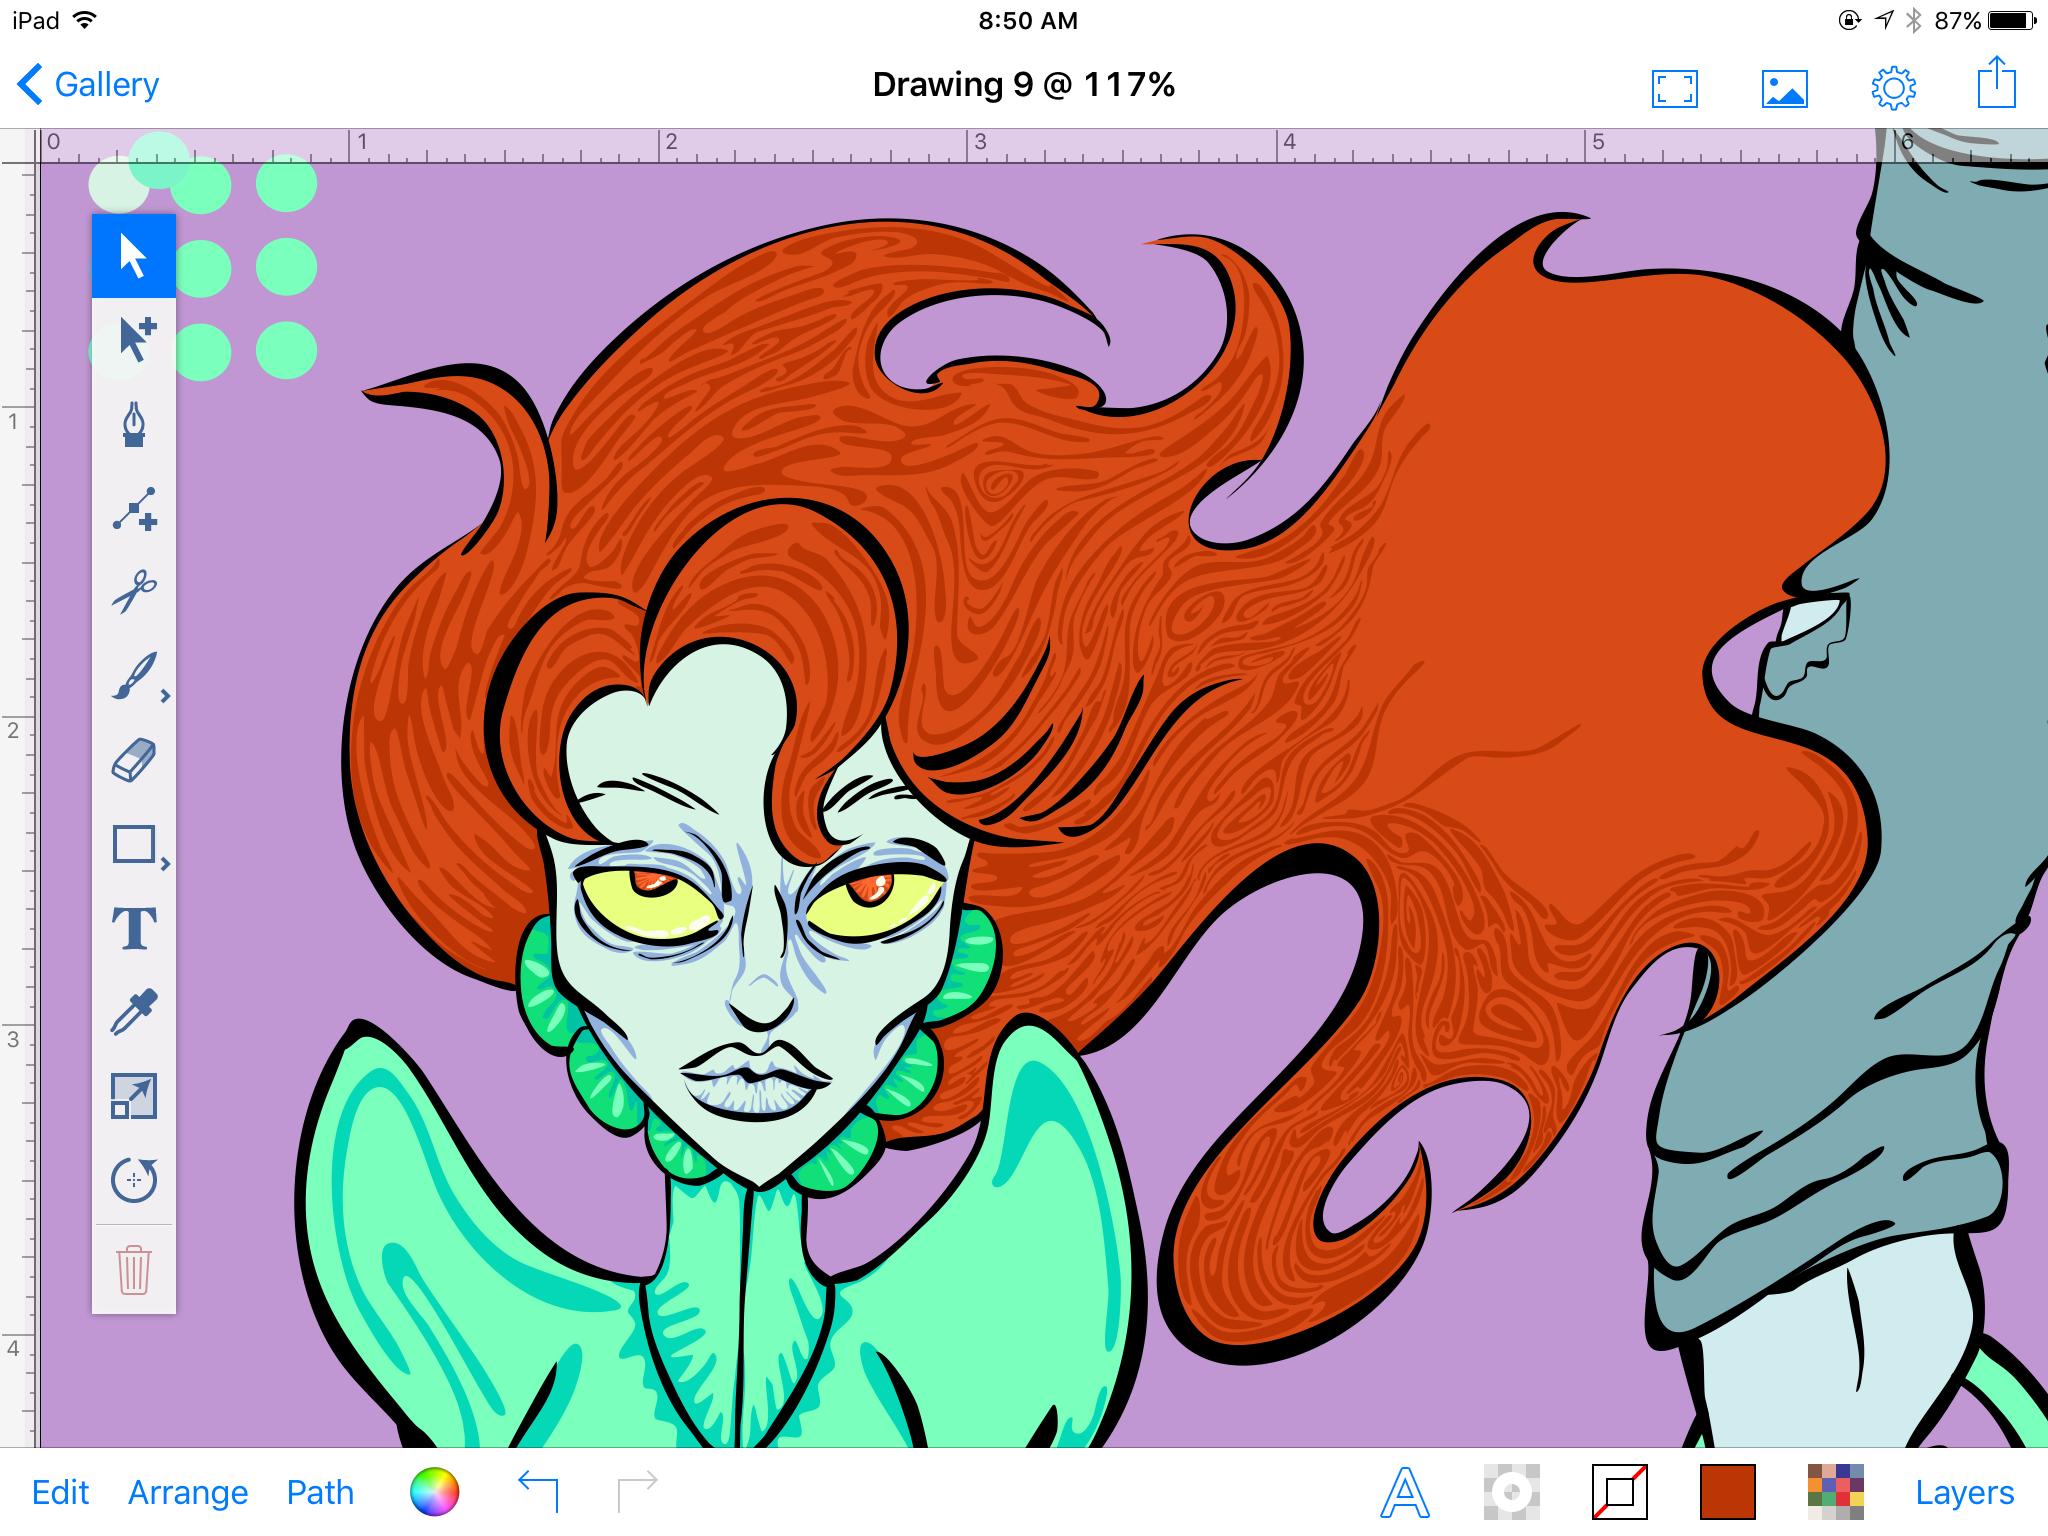 Swirly whirly!